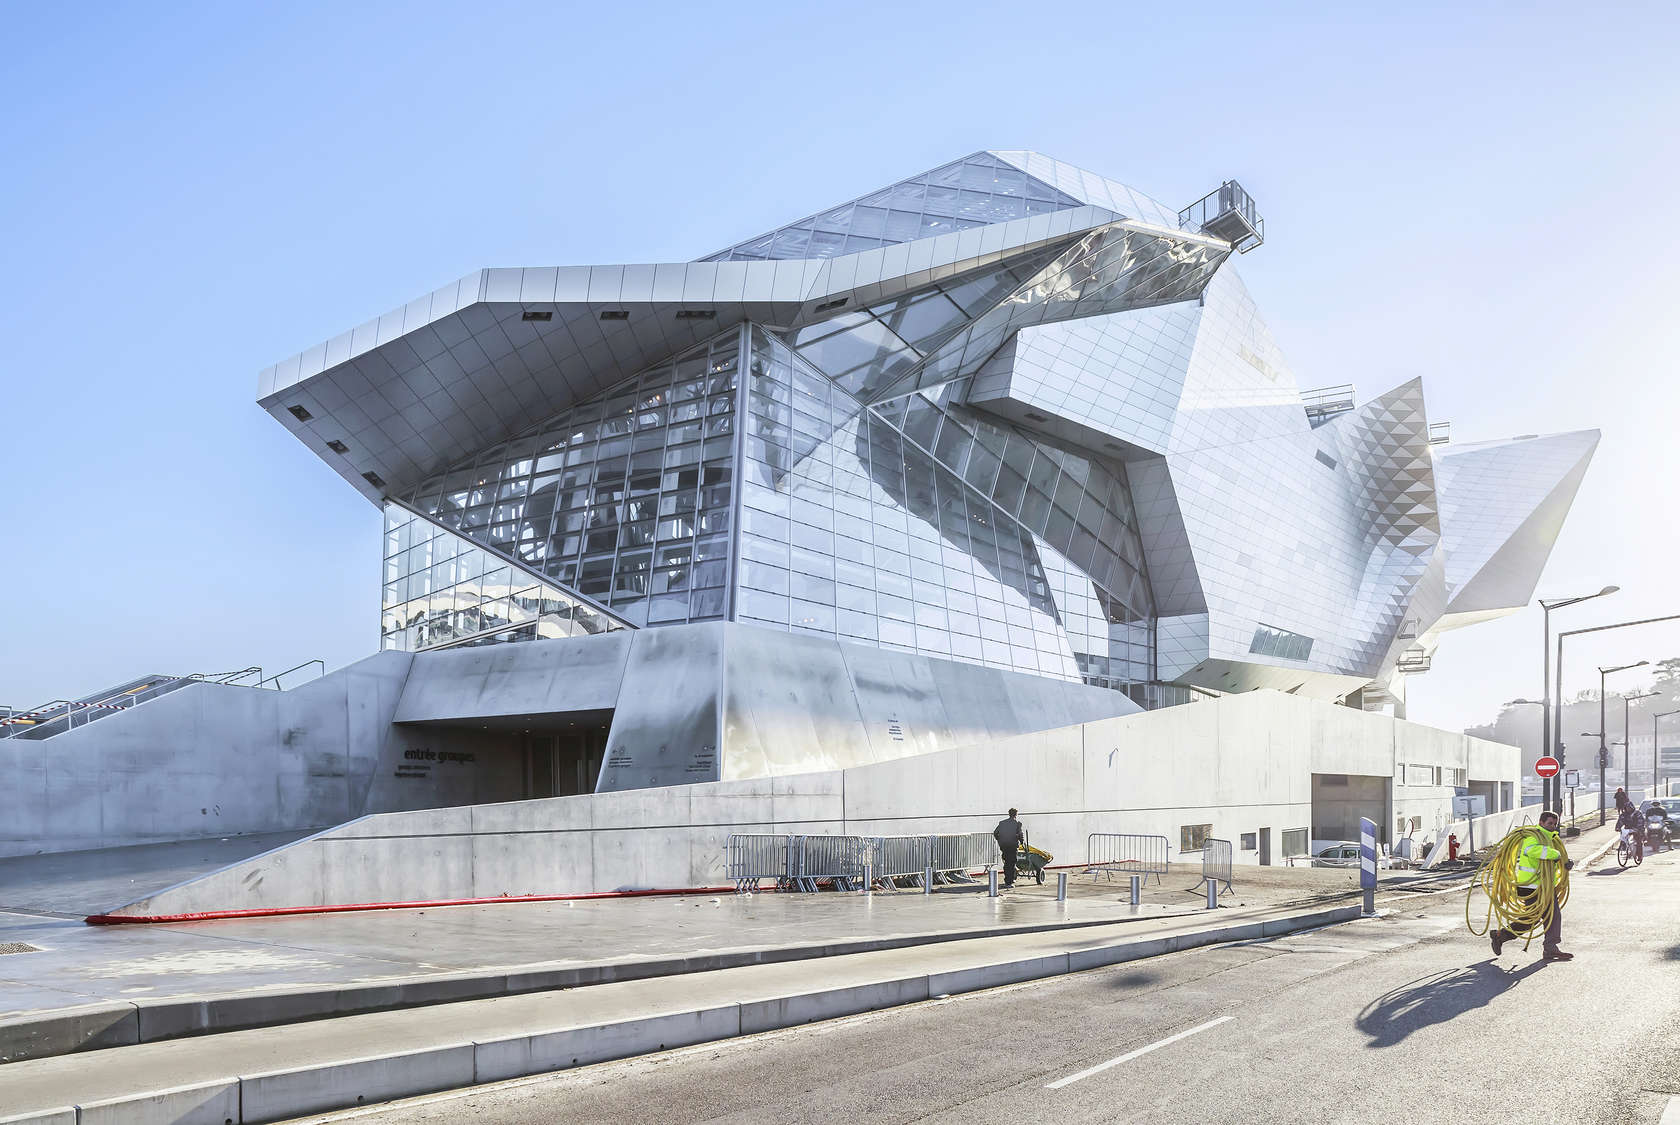 Musee des confluences architizer for Serrurier lyon prix